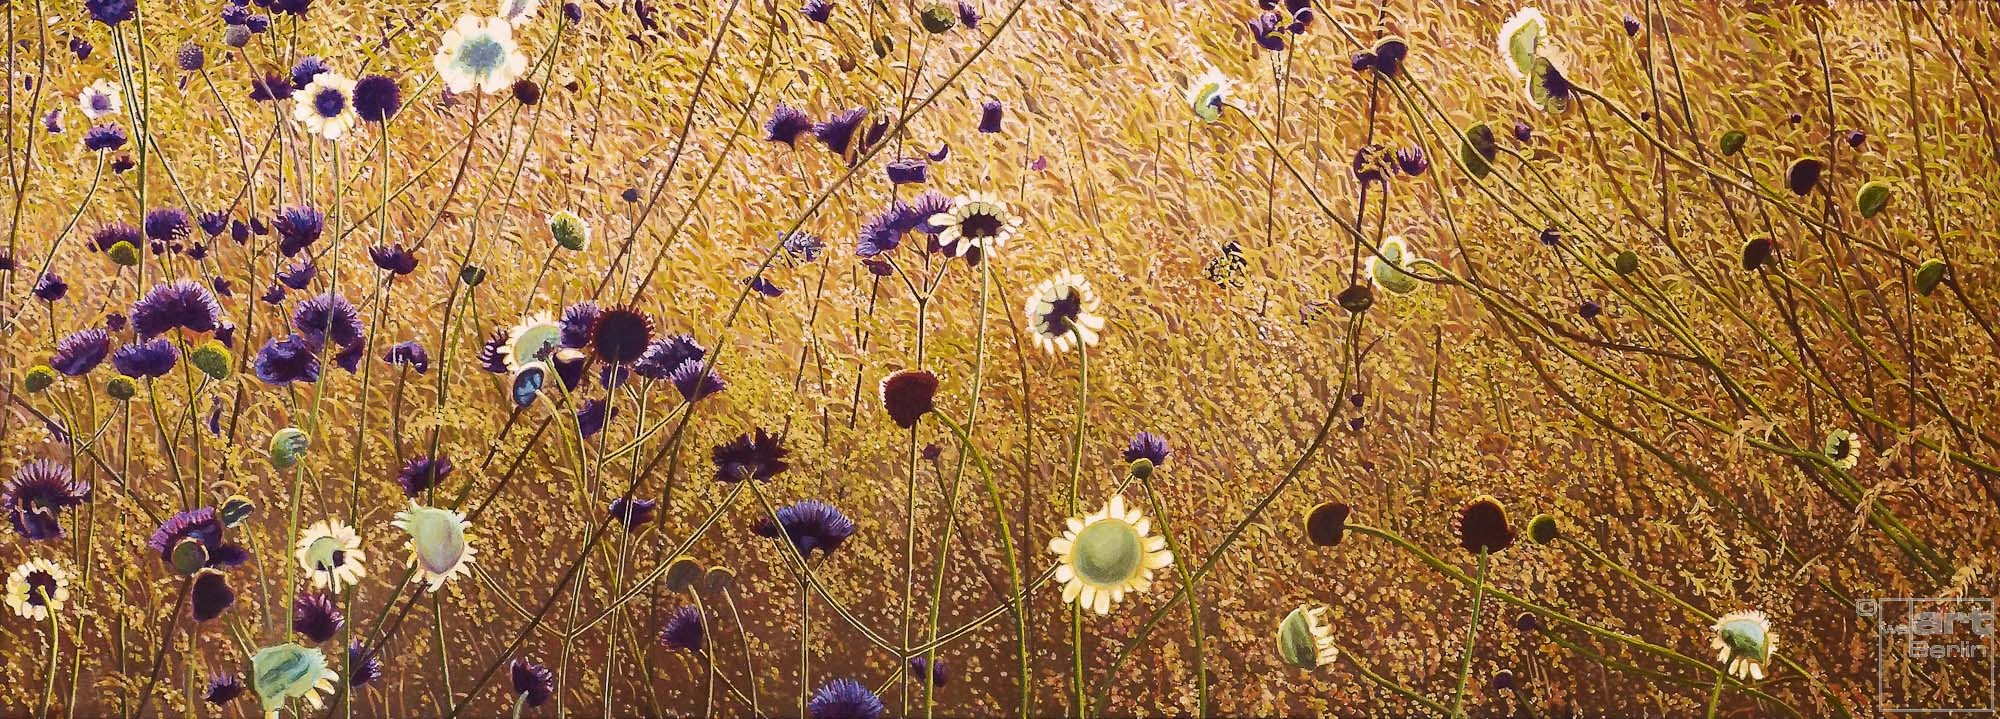 Korbblütler | Malerei von Sven Wiebers | Acryl auf Leinwand, realistisch